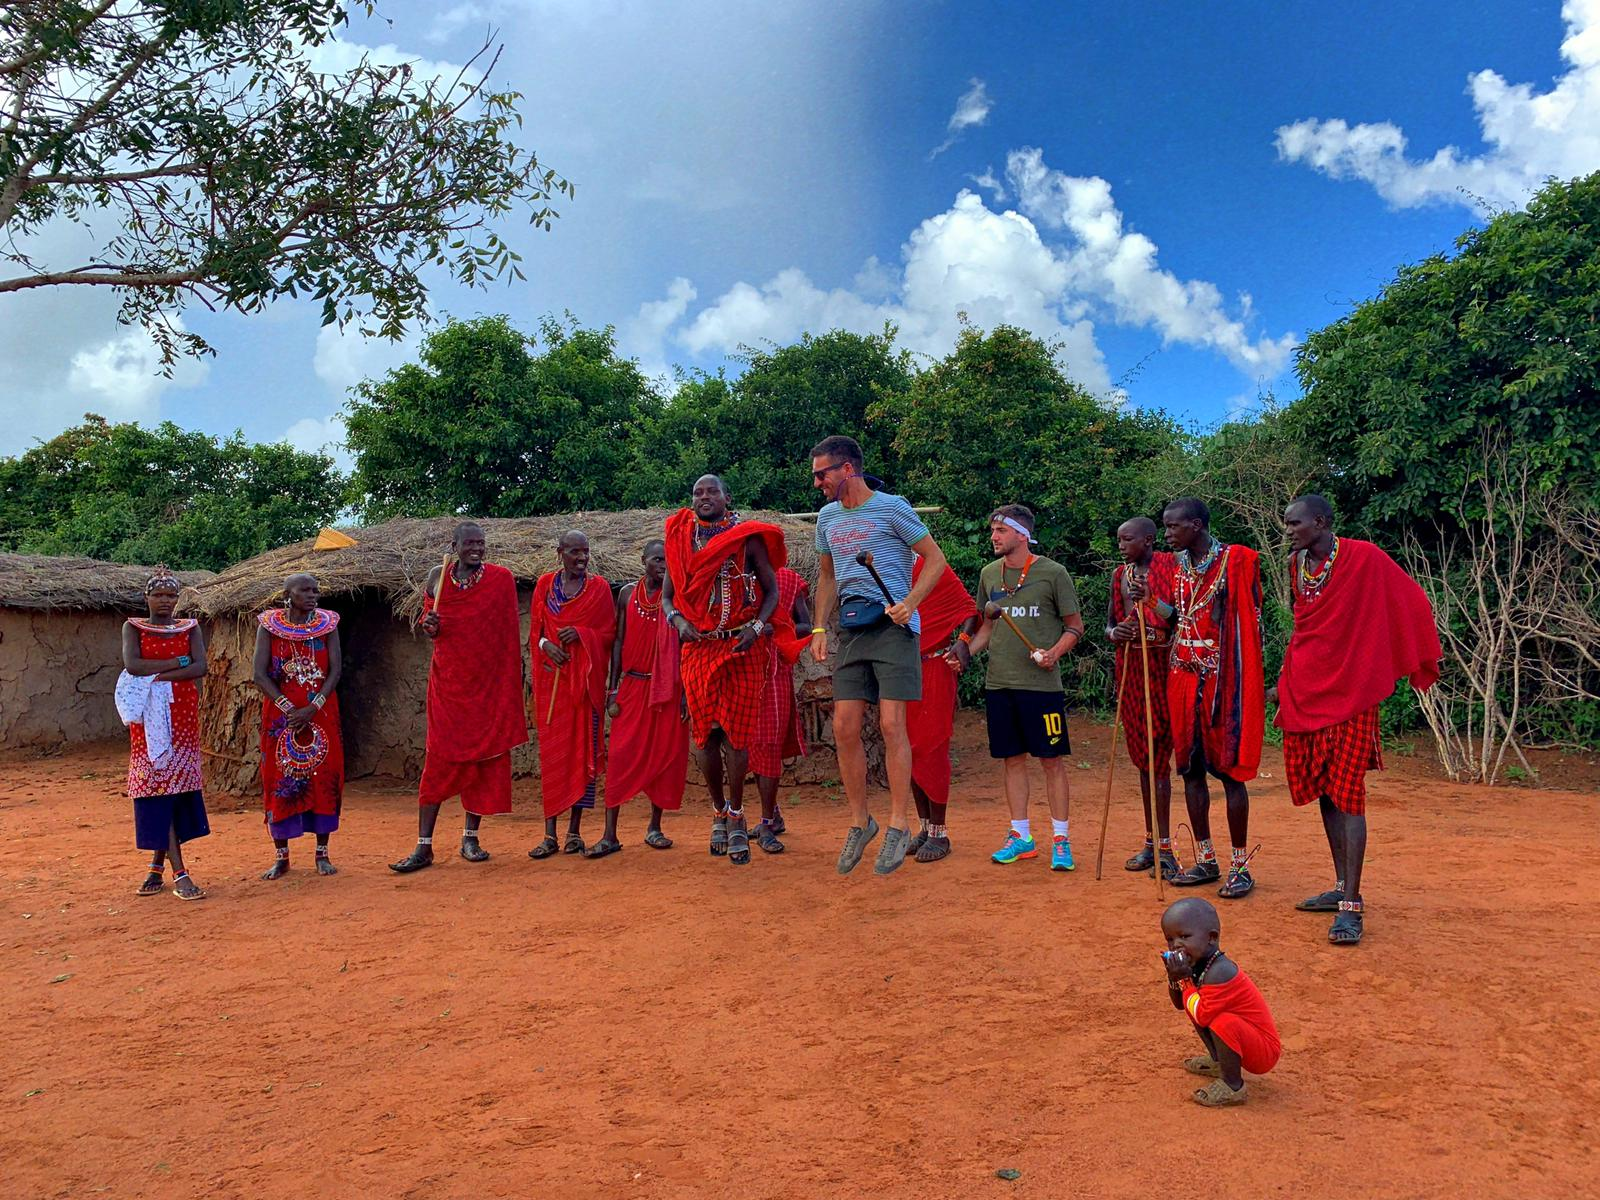 WhatsApp Image 2019 12 16 at 13.45.37 - Safari Samburu . Olpejeta . Lago Nakuru . Lago Bogoria . Lago Naivasha . Masai Mara . Nairobi . Amboseli . Tsavo Ovest . Taita Hills . Tsavo Est